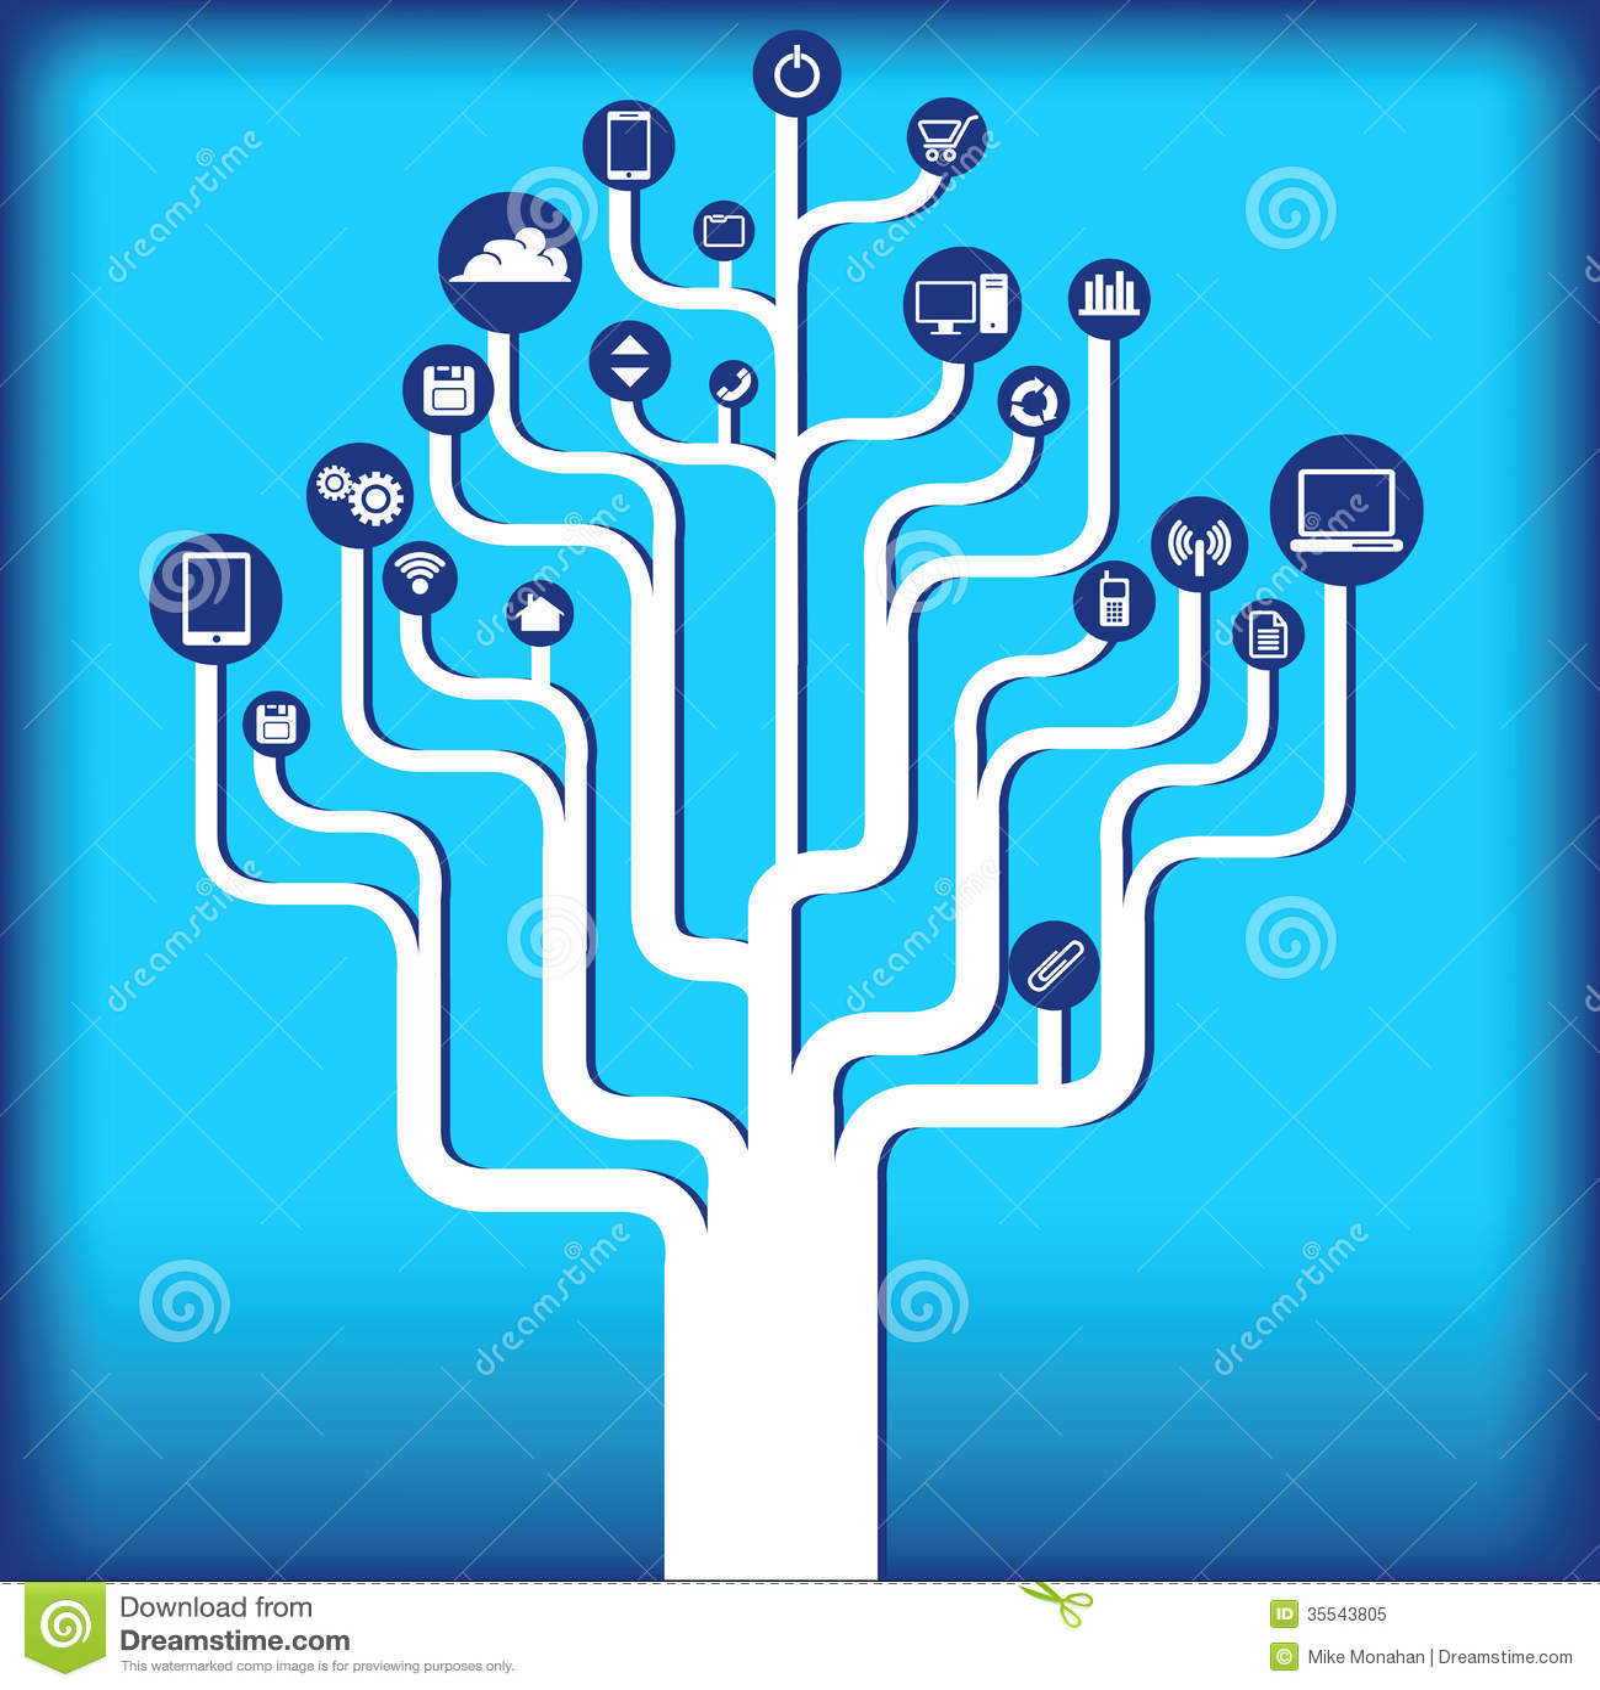 Cartoons Communication Platform